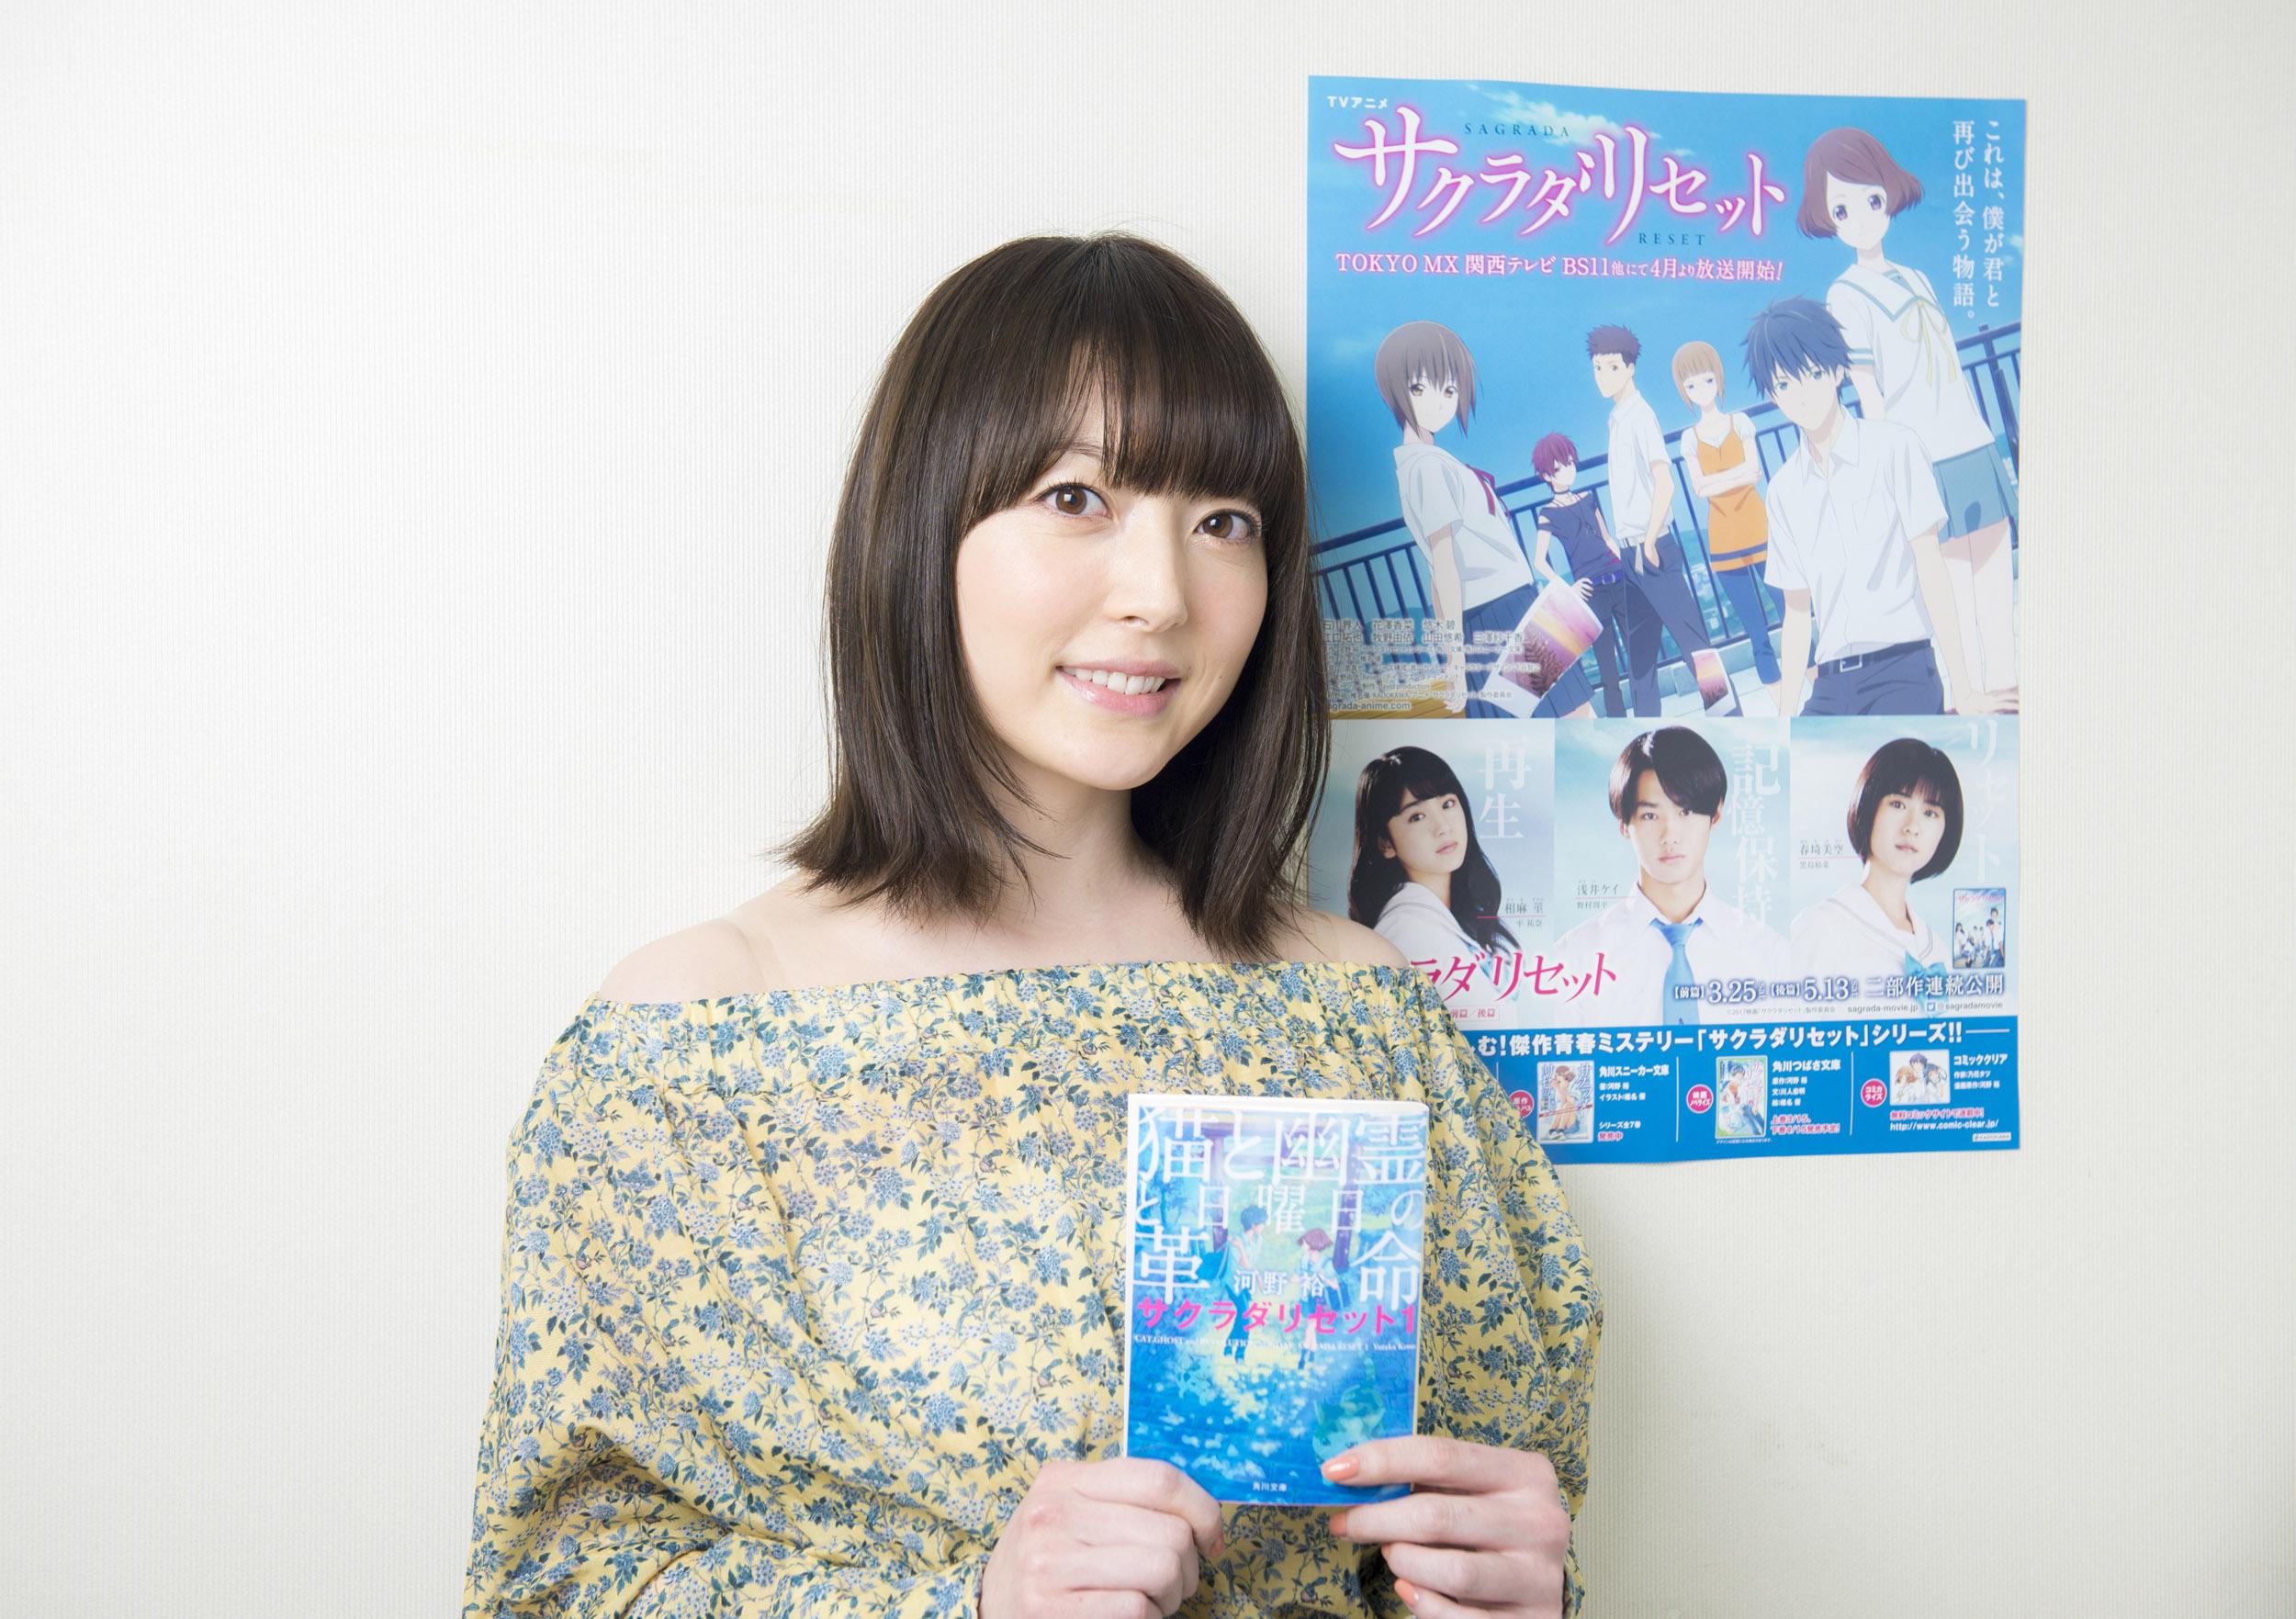 『サクラダリセット』×「花澤香菜」Twitterキャンペーン開始!